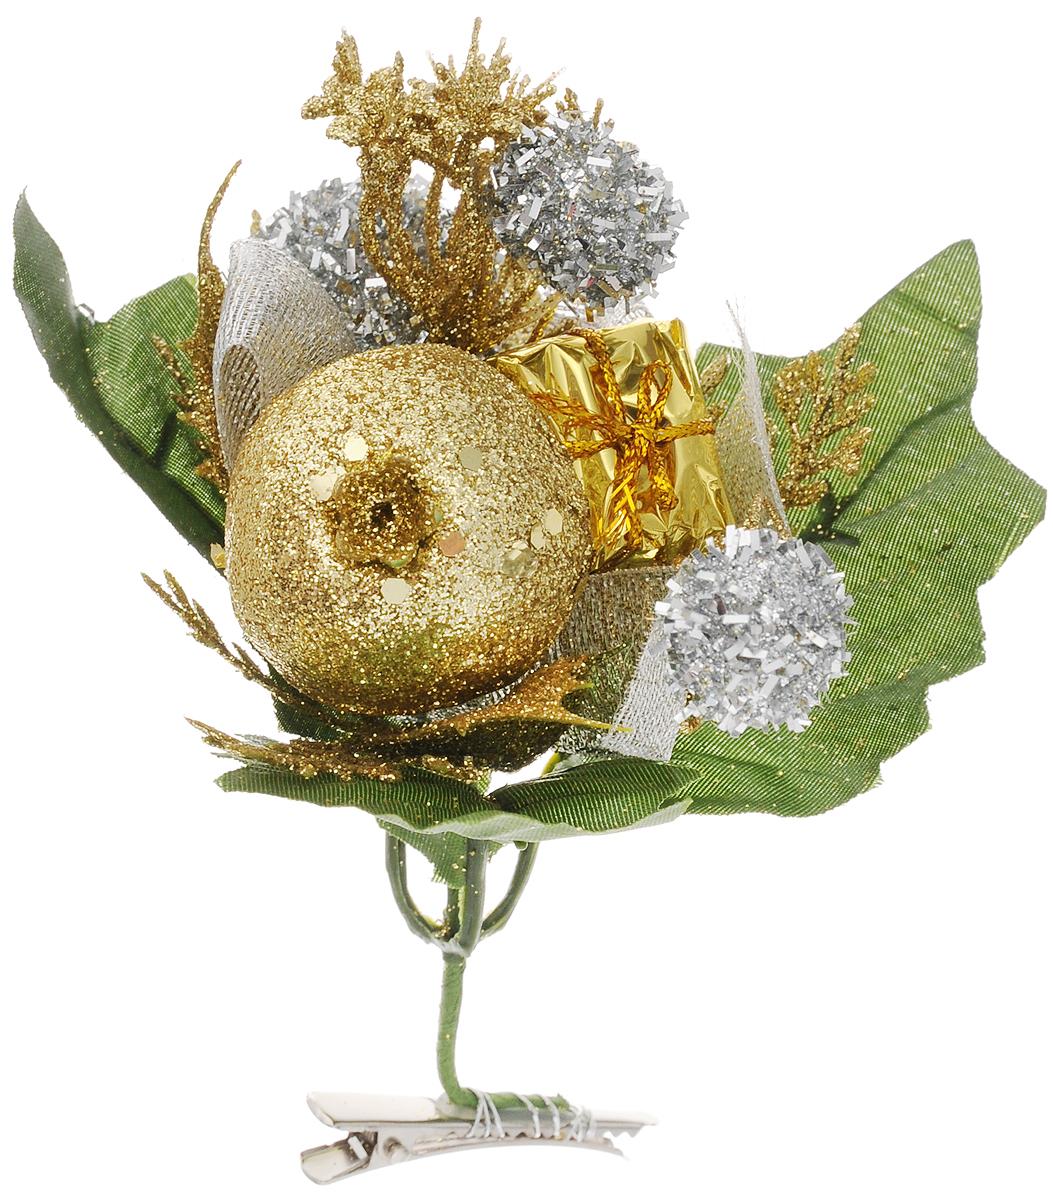 Украшение новогоднее Феникс-Презент Ягоды, на клипсе, 15 x 15 см42506Новогоднее украшение Феникс-Презент Ягоды выполнено из поливинилхлорида в форме веточки с ягодами. Изделие крепится с помощью клипсы. Украшение можно прикрепить в любом понравившемся вам месте. Но, конечно, удачнее всего оно будет смотреться на праздничной елке.Елочная игрушка - символ Нового года. Она несет в себе волшебство и красоту праздника. Создайте в своем доме атмосферу веселья и радости, украшая новогоднюю елку нарядными игрушками, которые будут из года в год накапливать теплоту воспоминаний.Материал: поливинилхлорид.Размеры: 15 х 15 см.